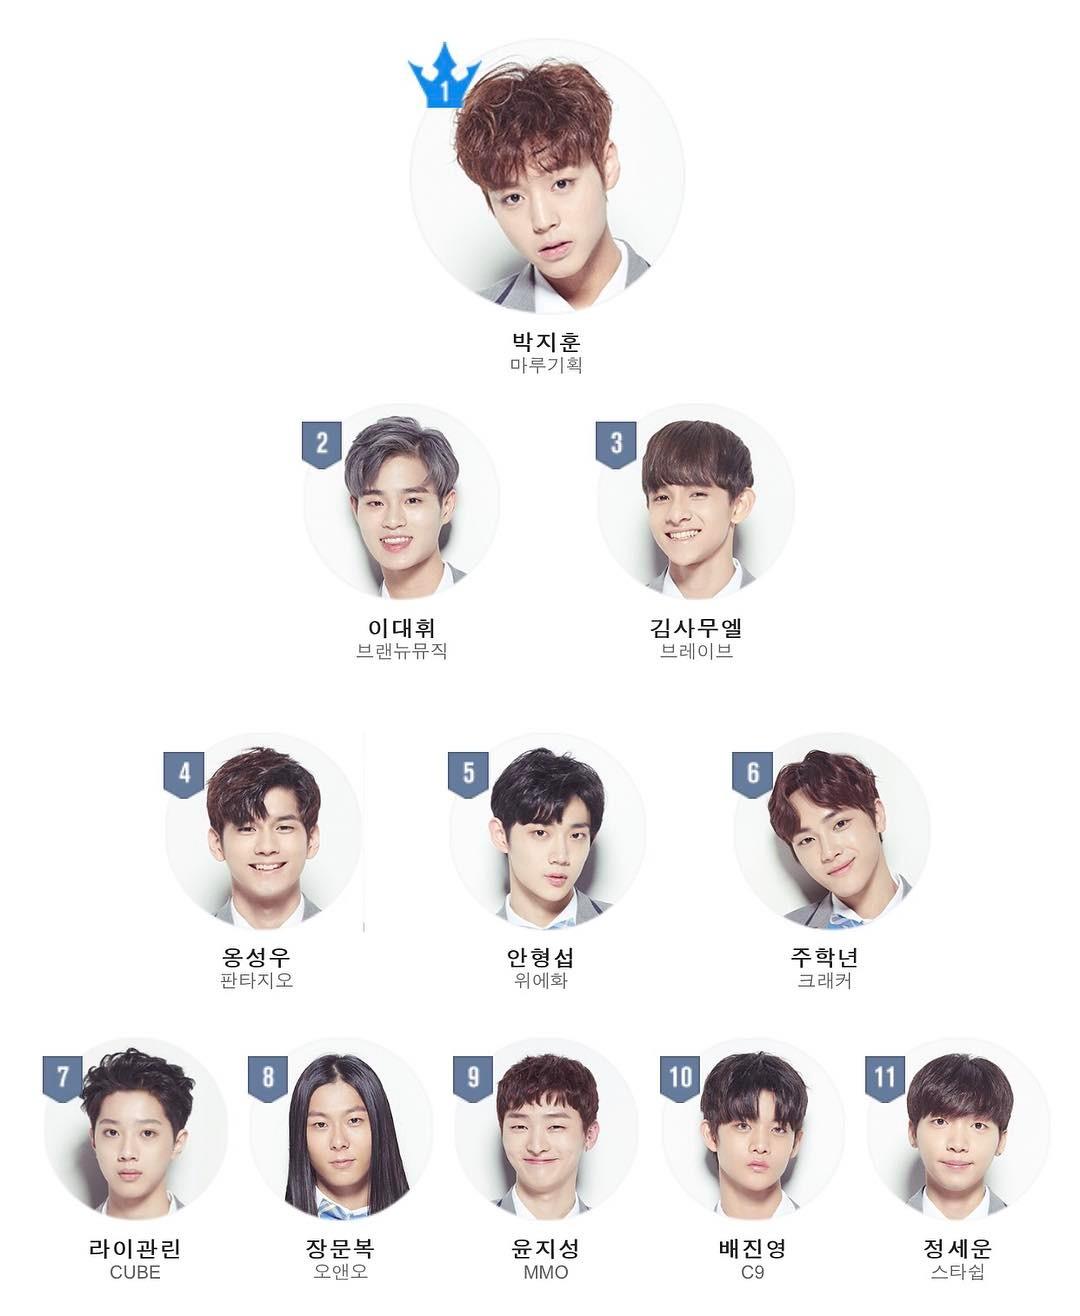 Sốc trước kế hoạch bóc lột nham hiểm của Mnet, netizen kêu gọi tẩy chay Produce 101 - Ảnh 4.